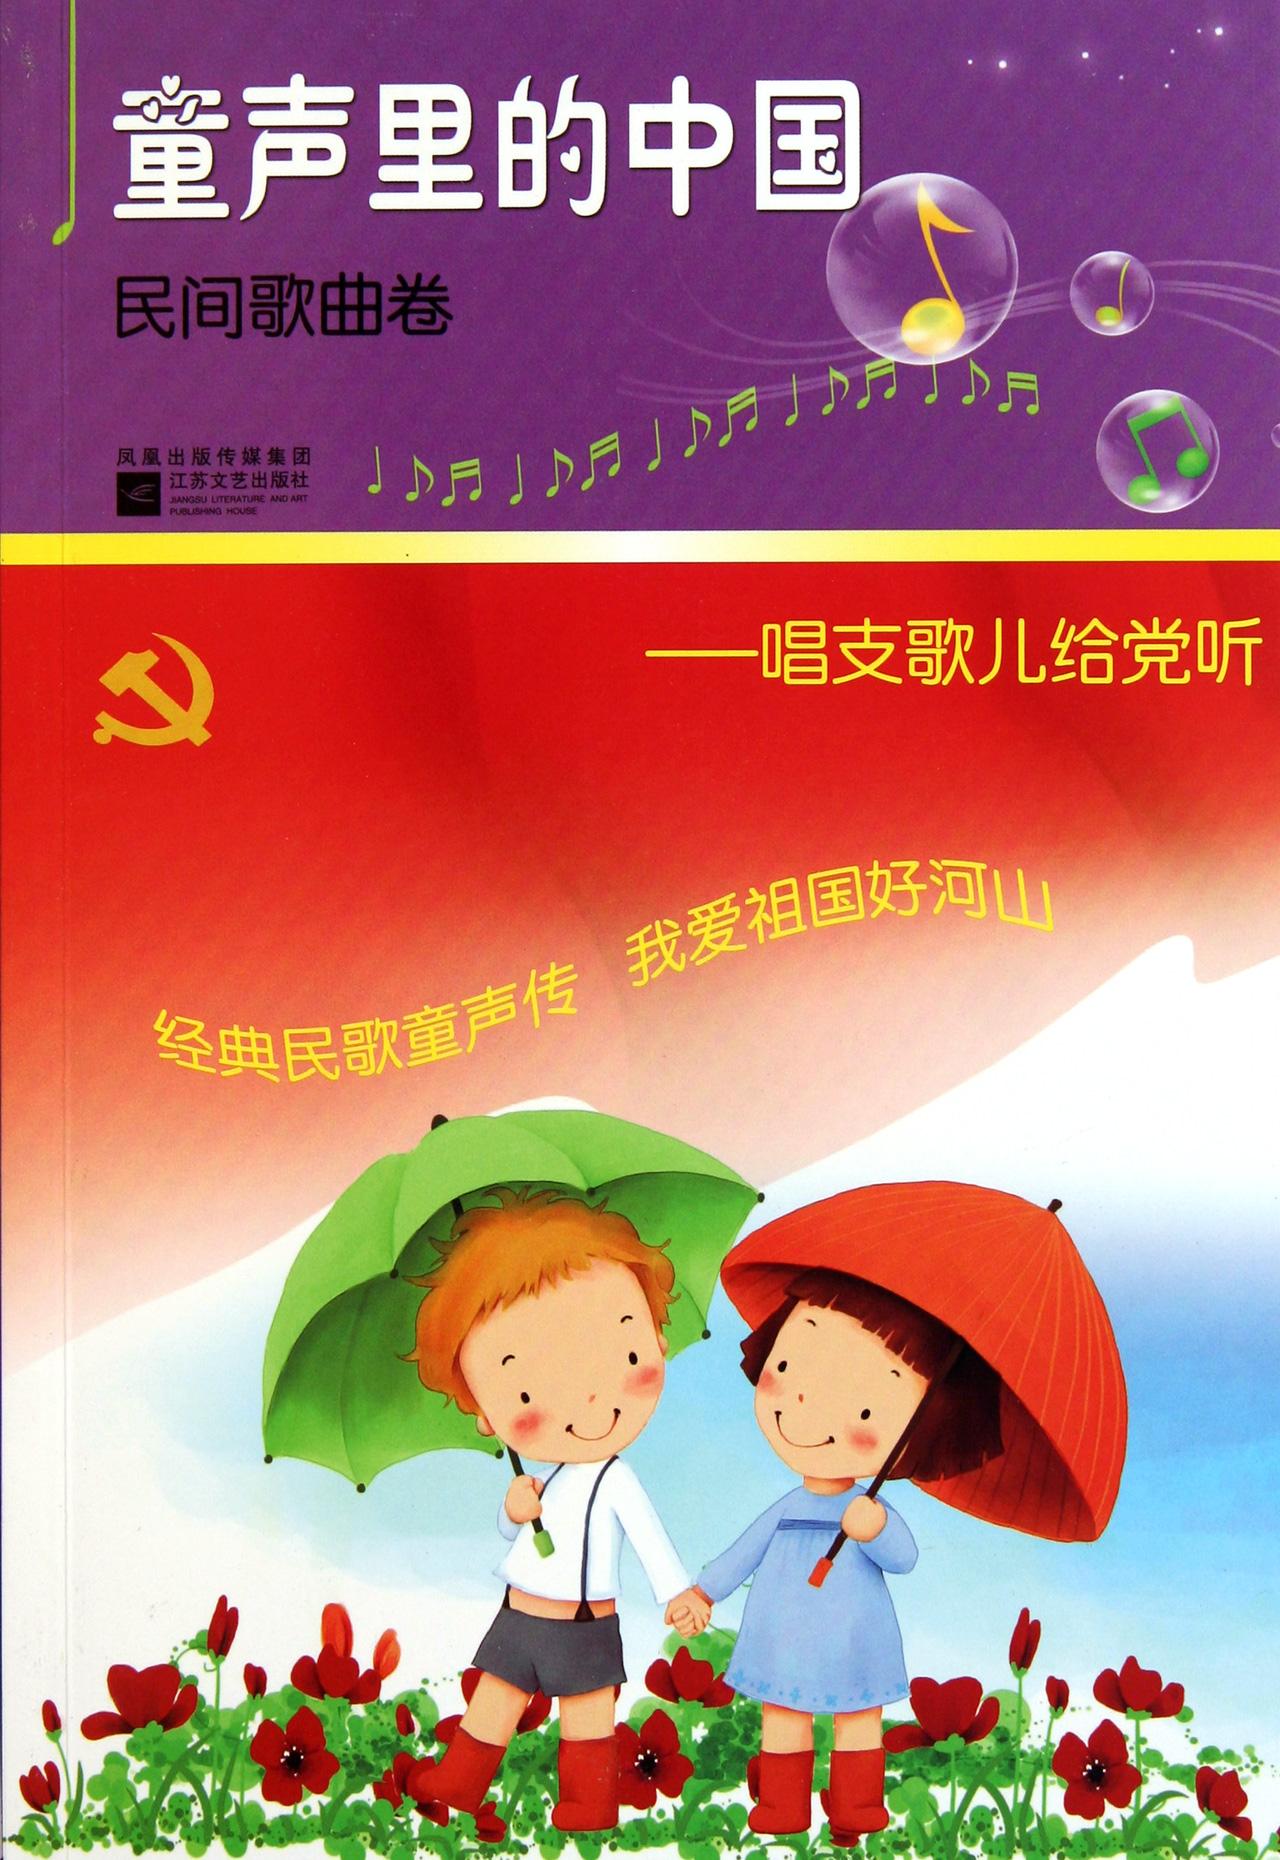 童声里的中国--唱支歌儿给党听(民间歌曲卷)